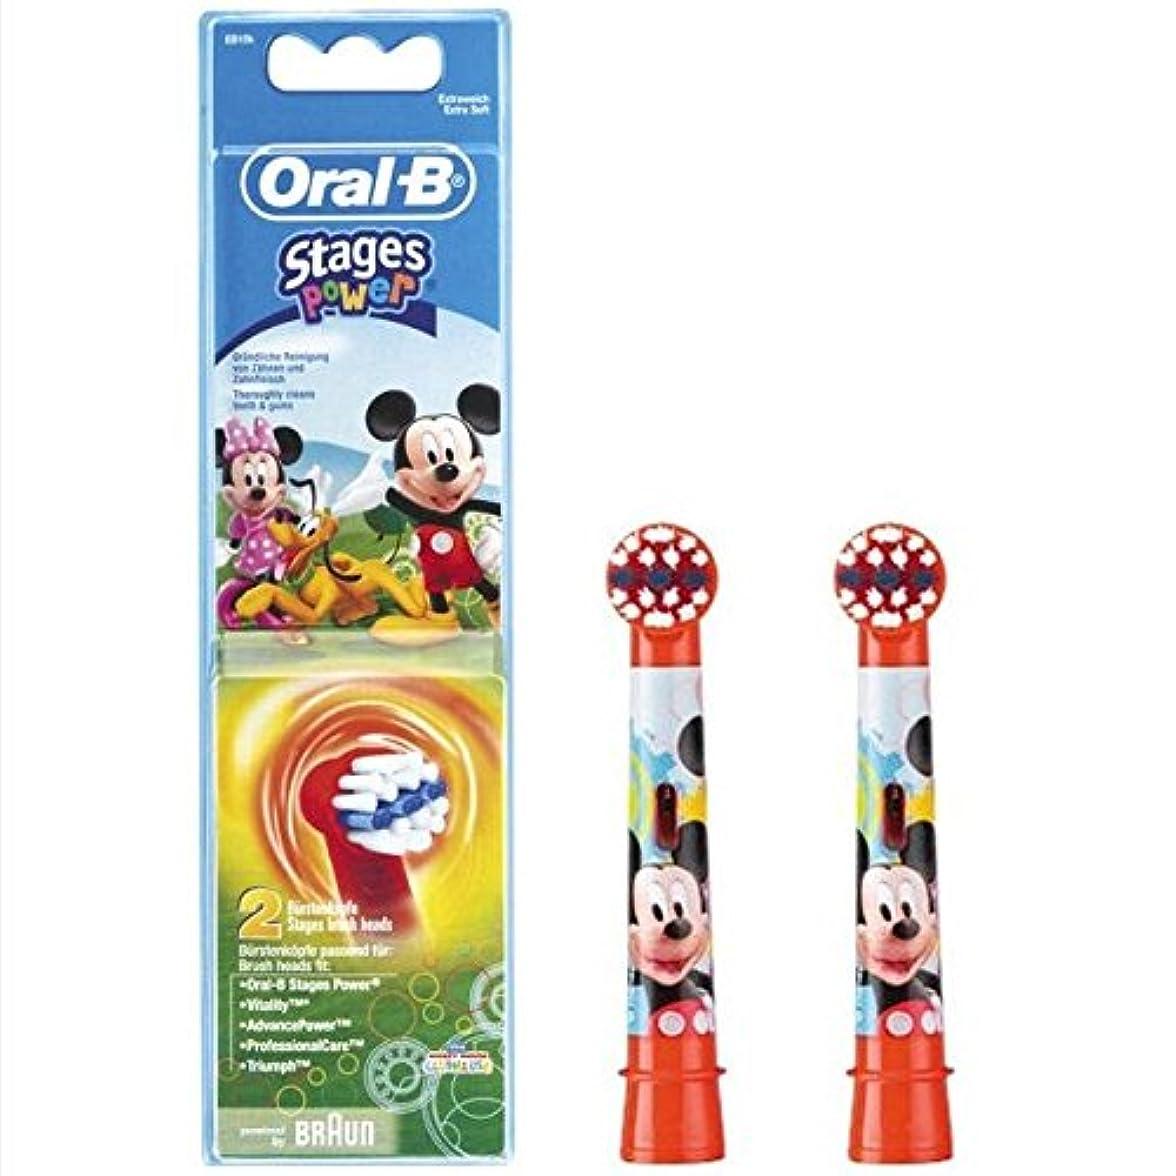 類似性やめるダメージブラウン オーラルB 電動歯ブラシ 子供用 すみずみクリーンキッズ やわらかめ 替ブラシ(2本) レッド ミッキーマウス [並行輸入品]